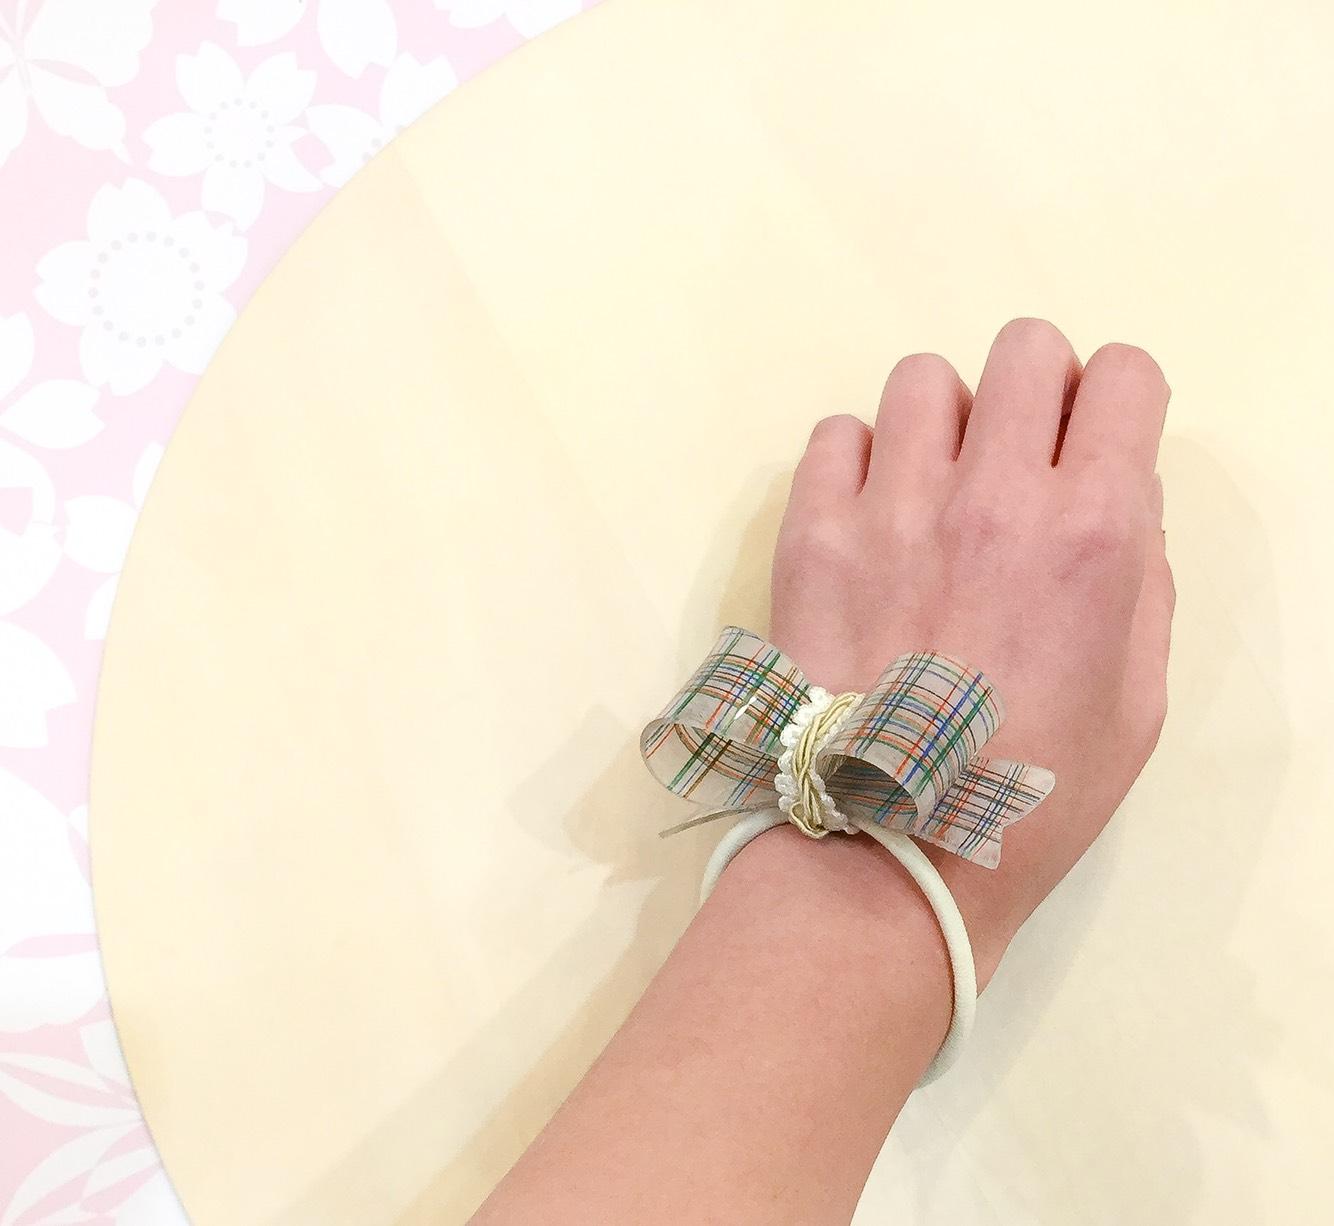 立体プラバンリボンでヘアアクセサリーをつくろう!の作品例、腕につけた様子